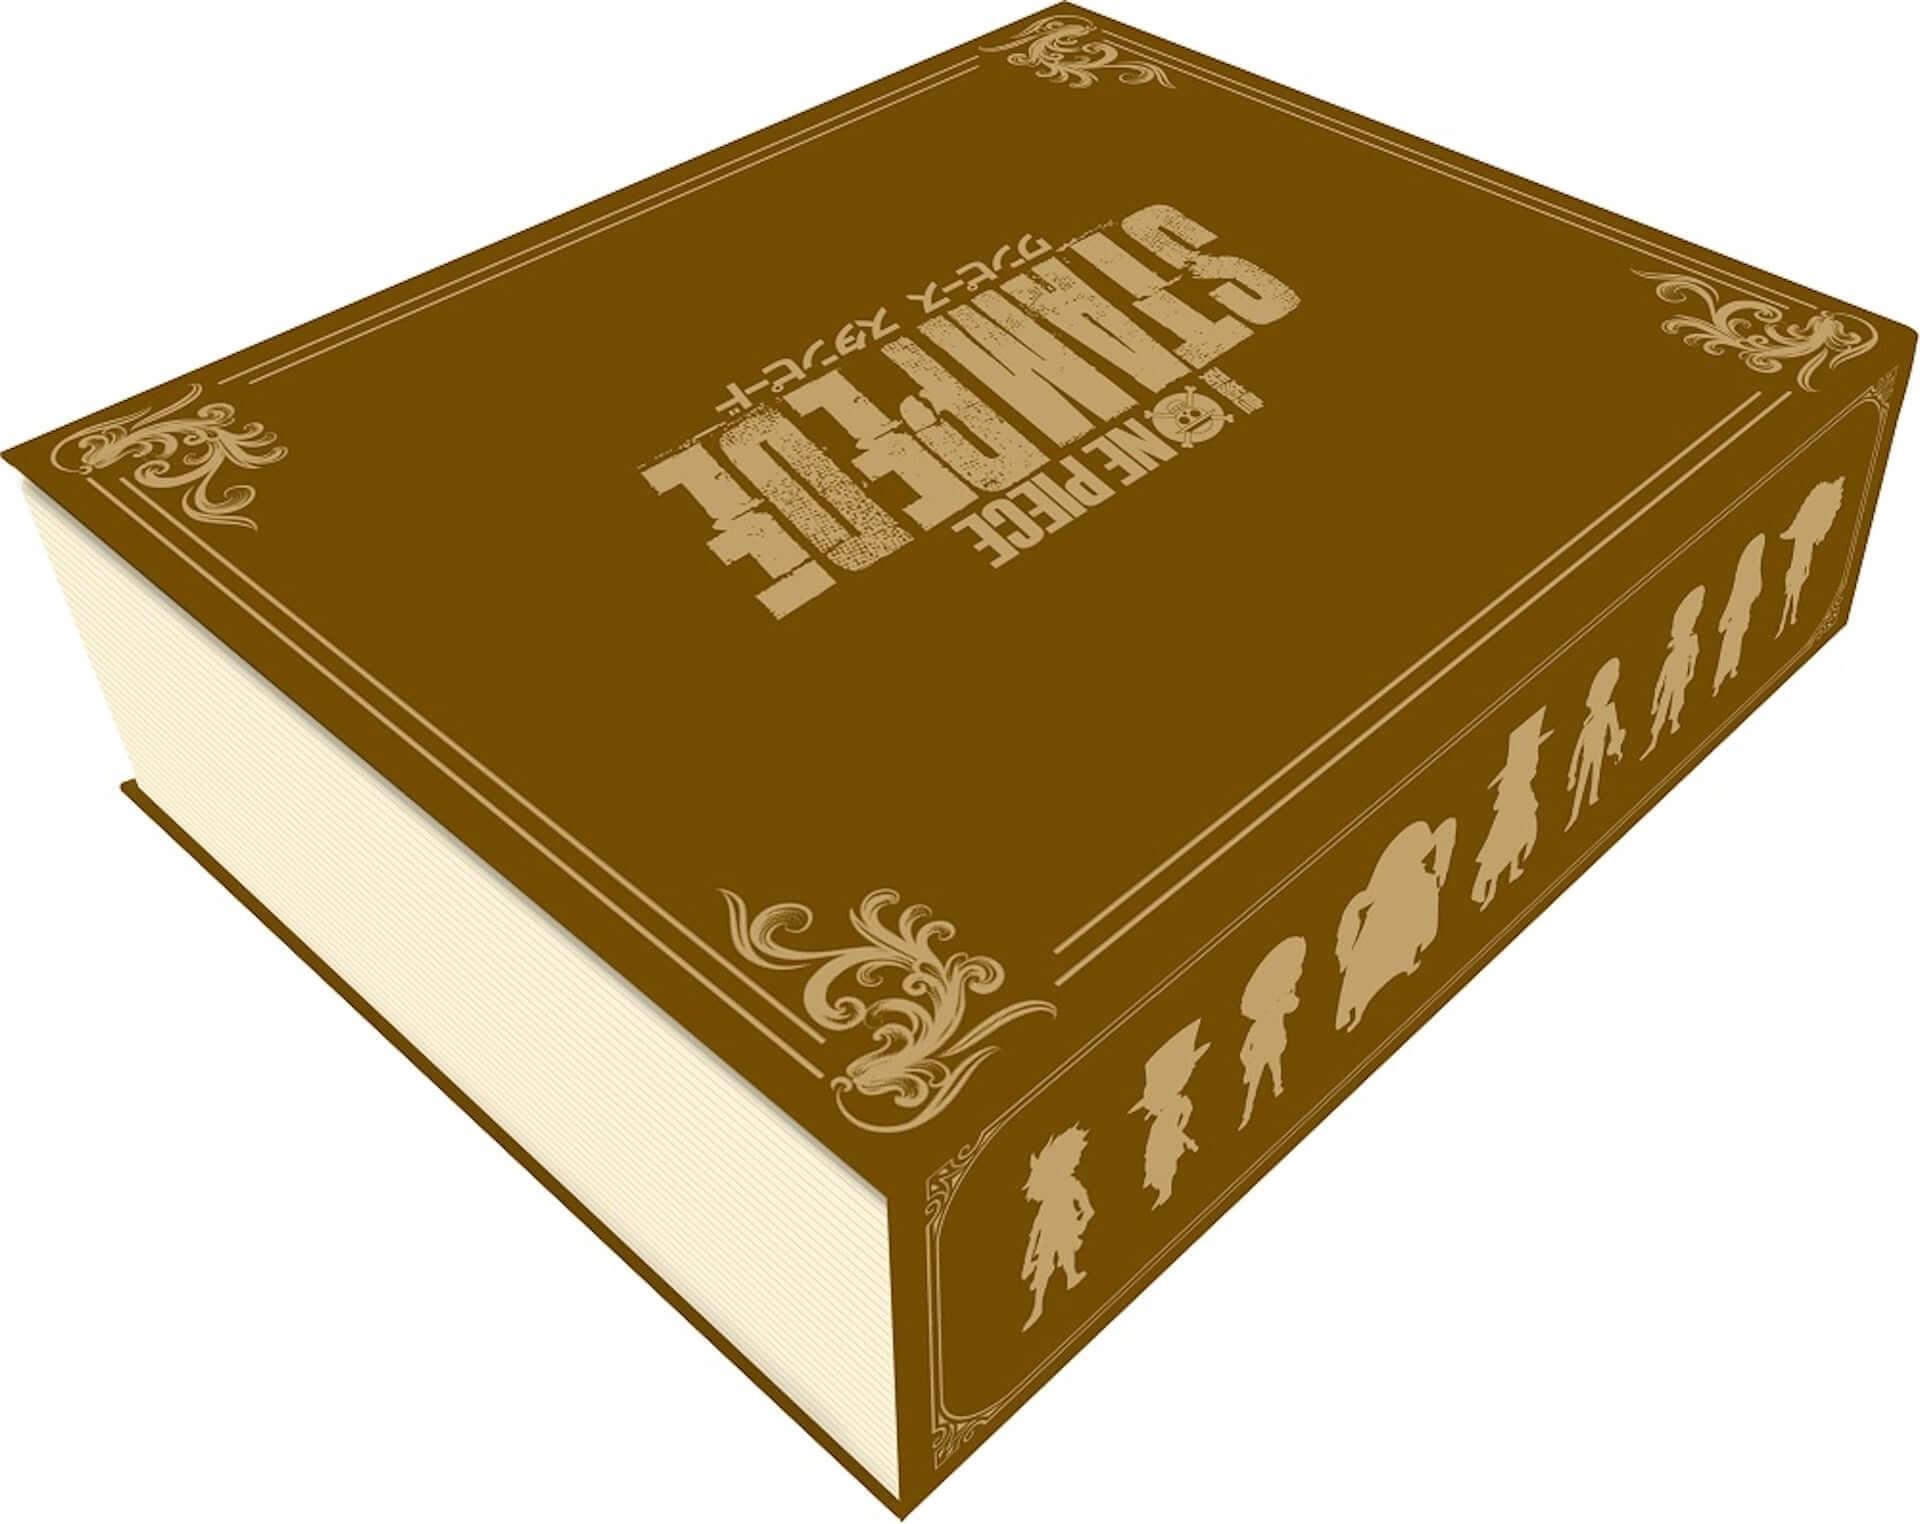 ワンピースの限定フィギュアや世界100セット限定BOXが登場 『ONE PIECE STAMPEDE』キャンペーン<#バンナム万博>開催 lifefashion190726onepiece-namco_6-1920x1524